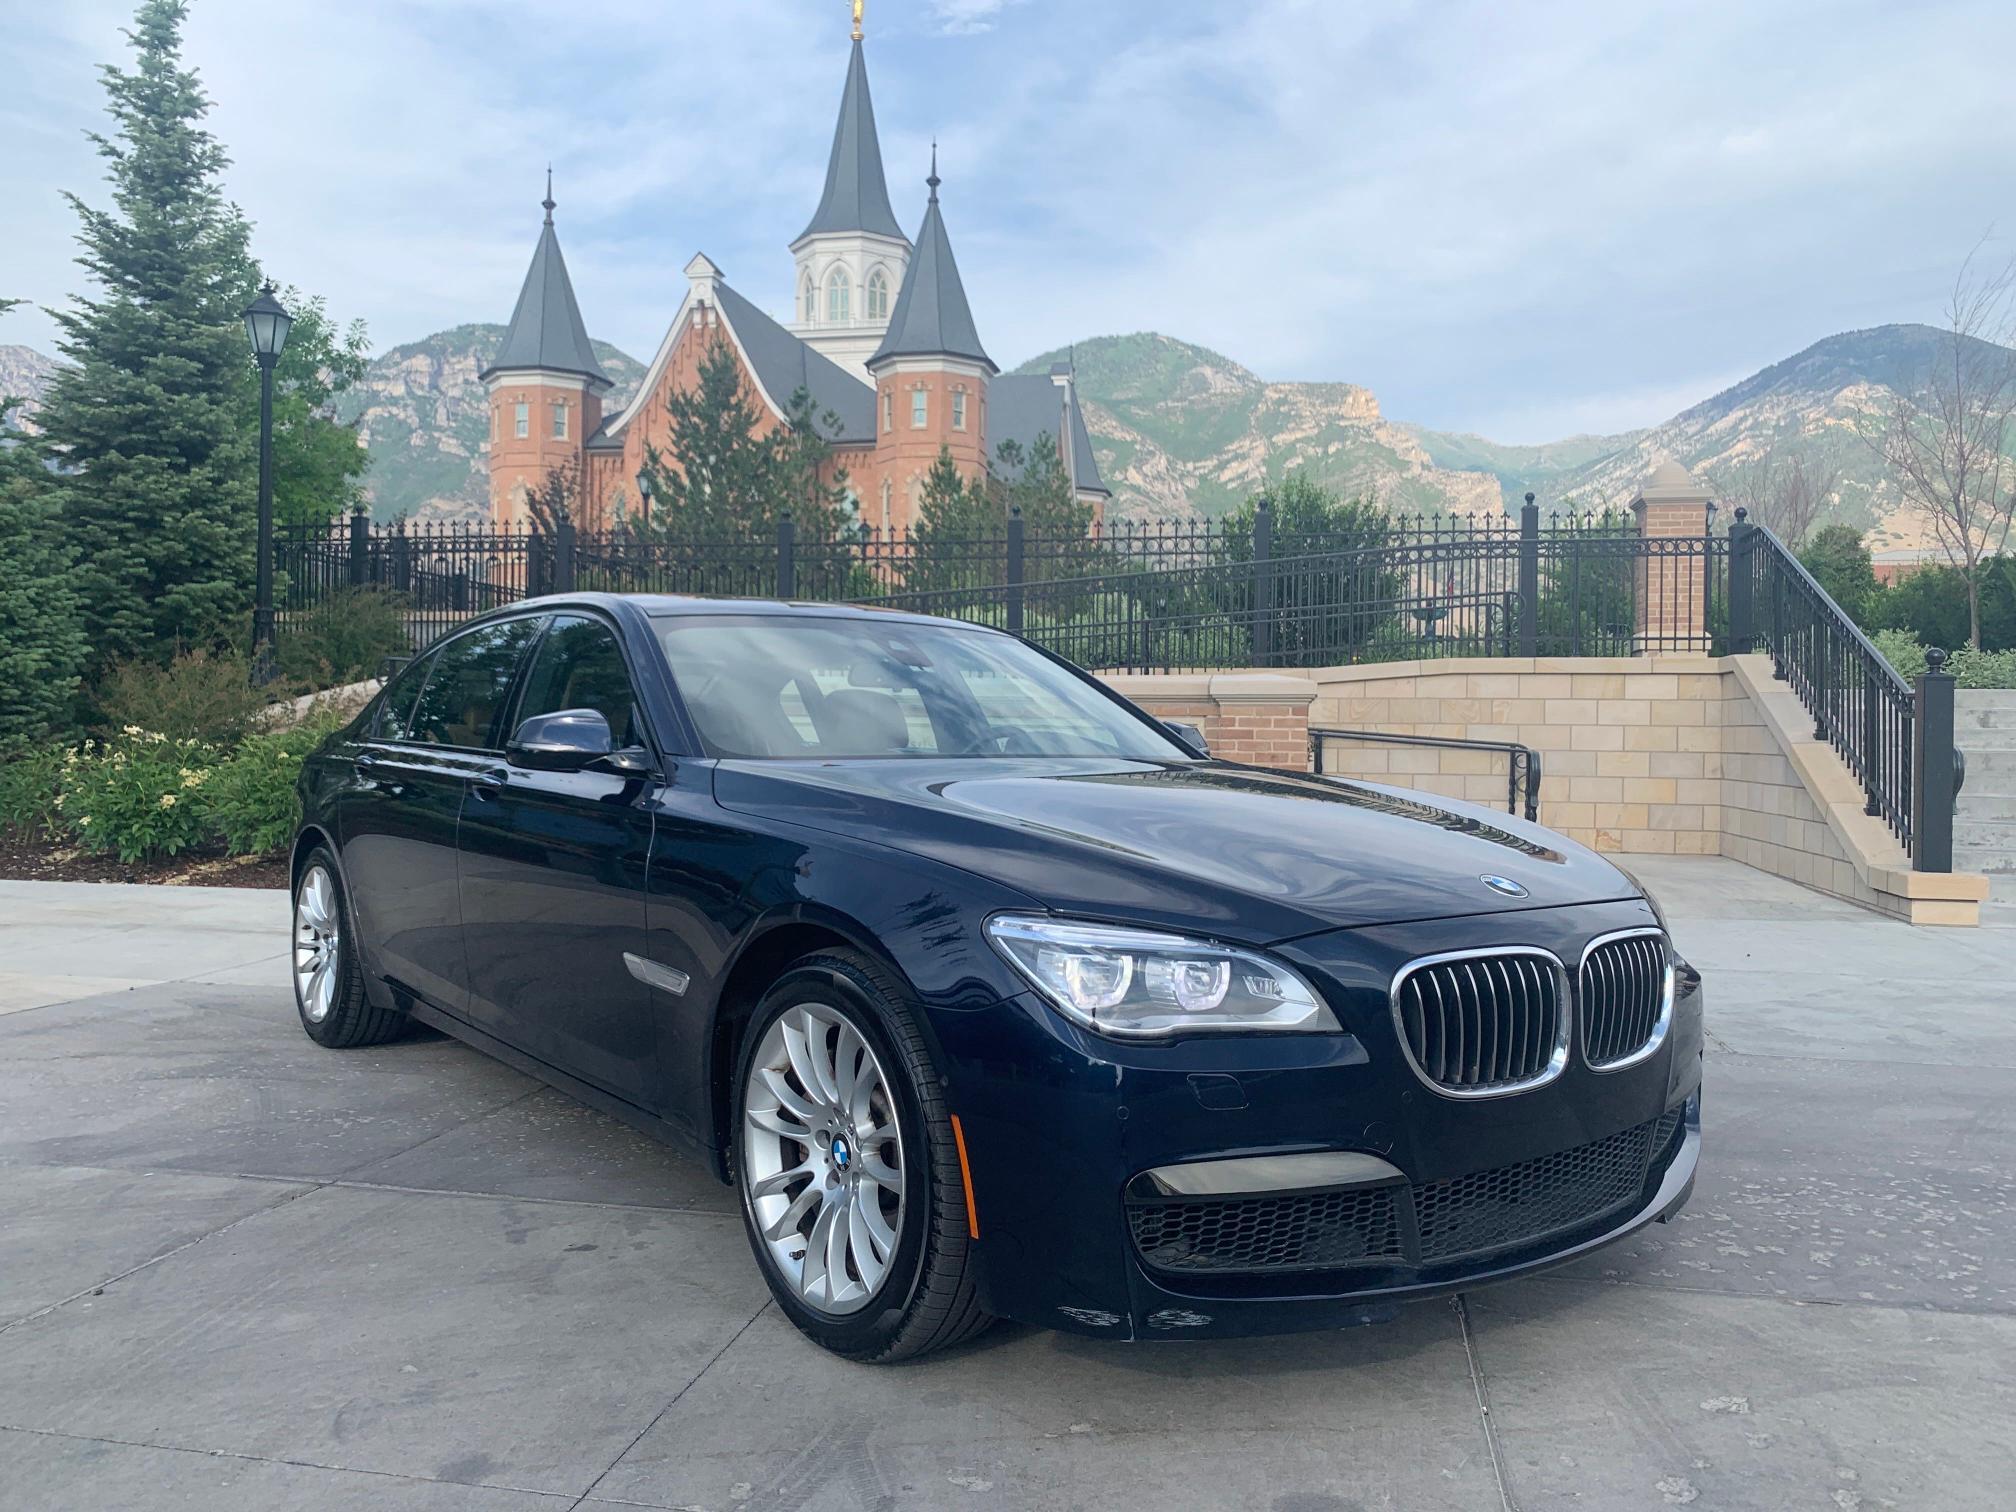 2014 BMW 750LI Xdrive en venta en Las Vegas, NV